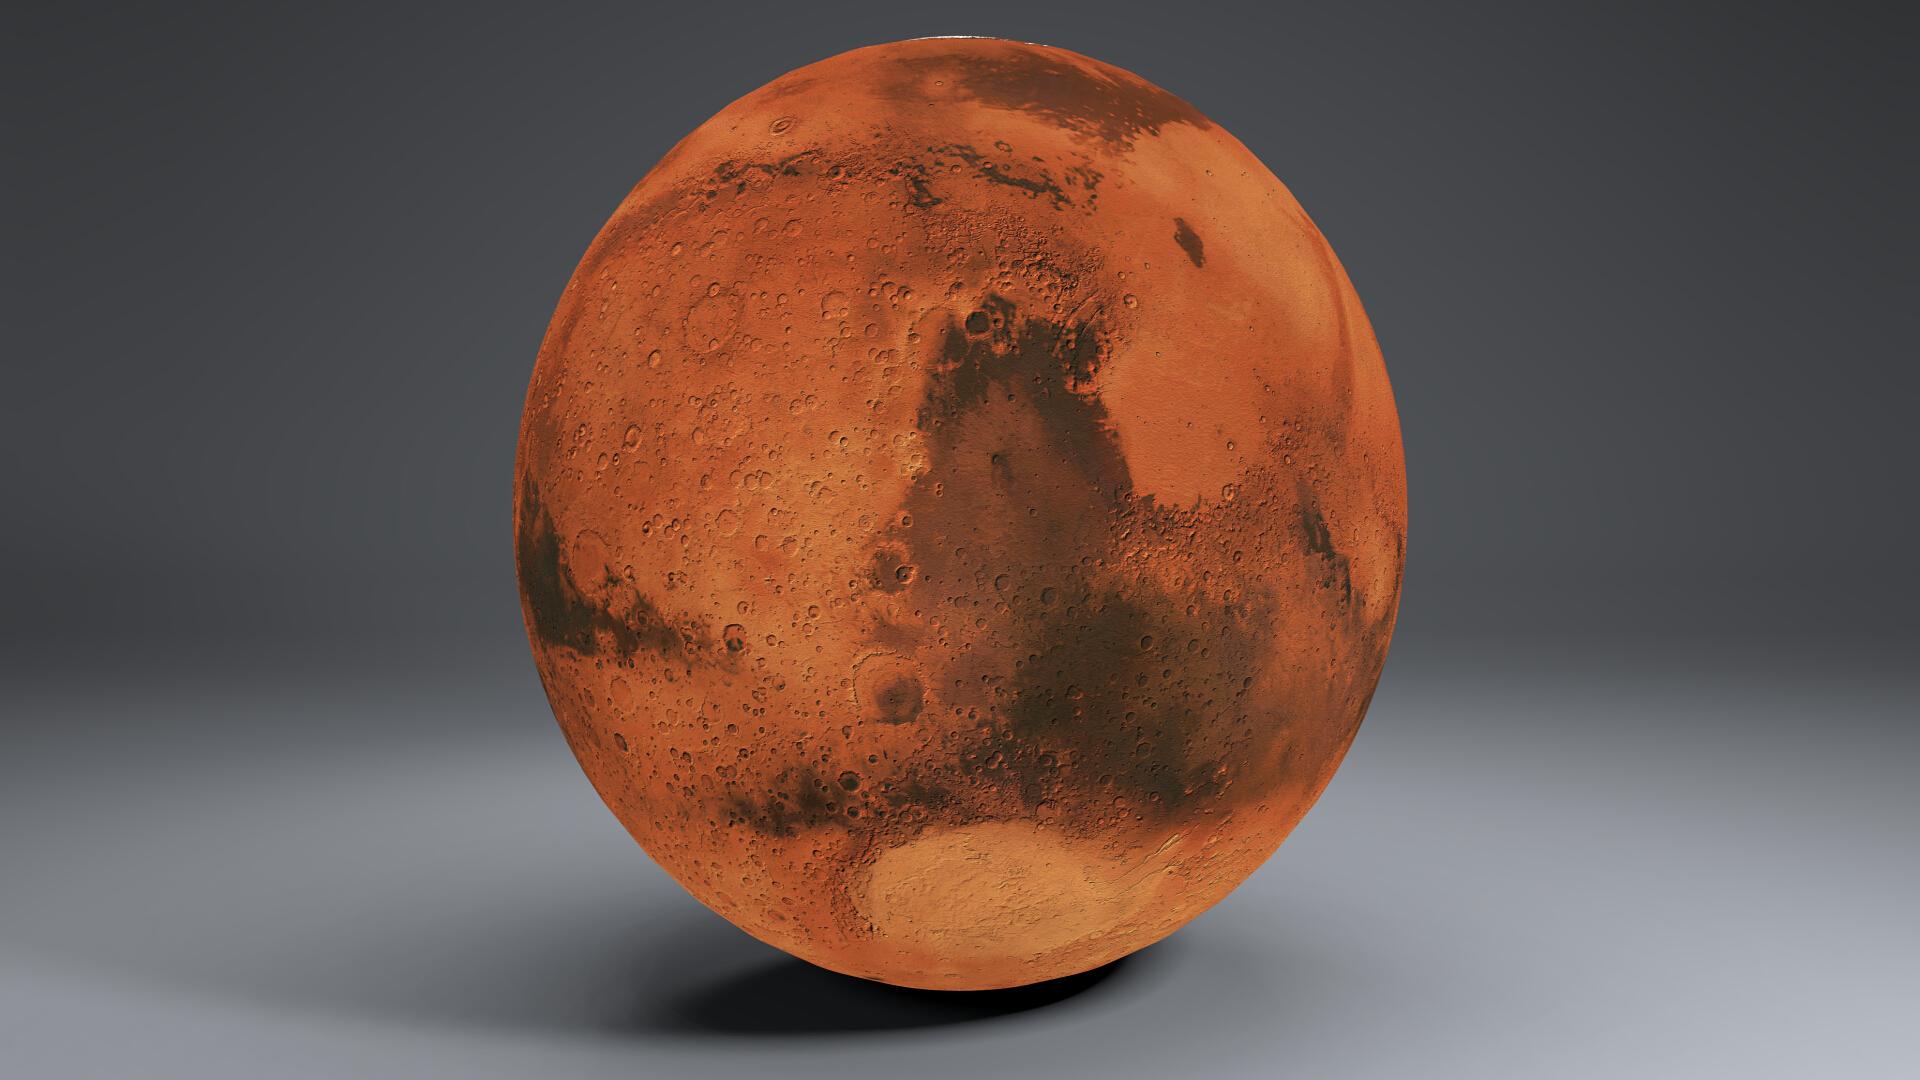 Mars 8k globe 3d model 3ds fbx qarışığı da 223130